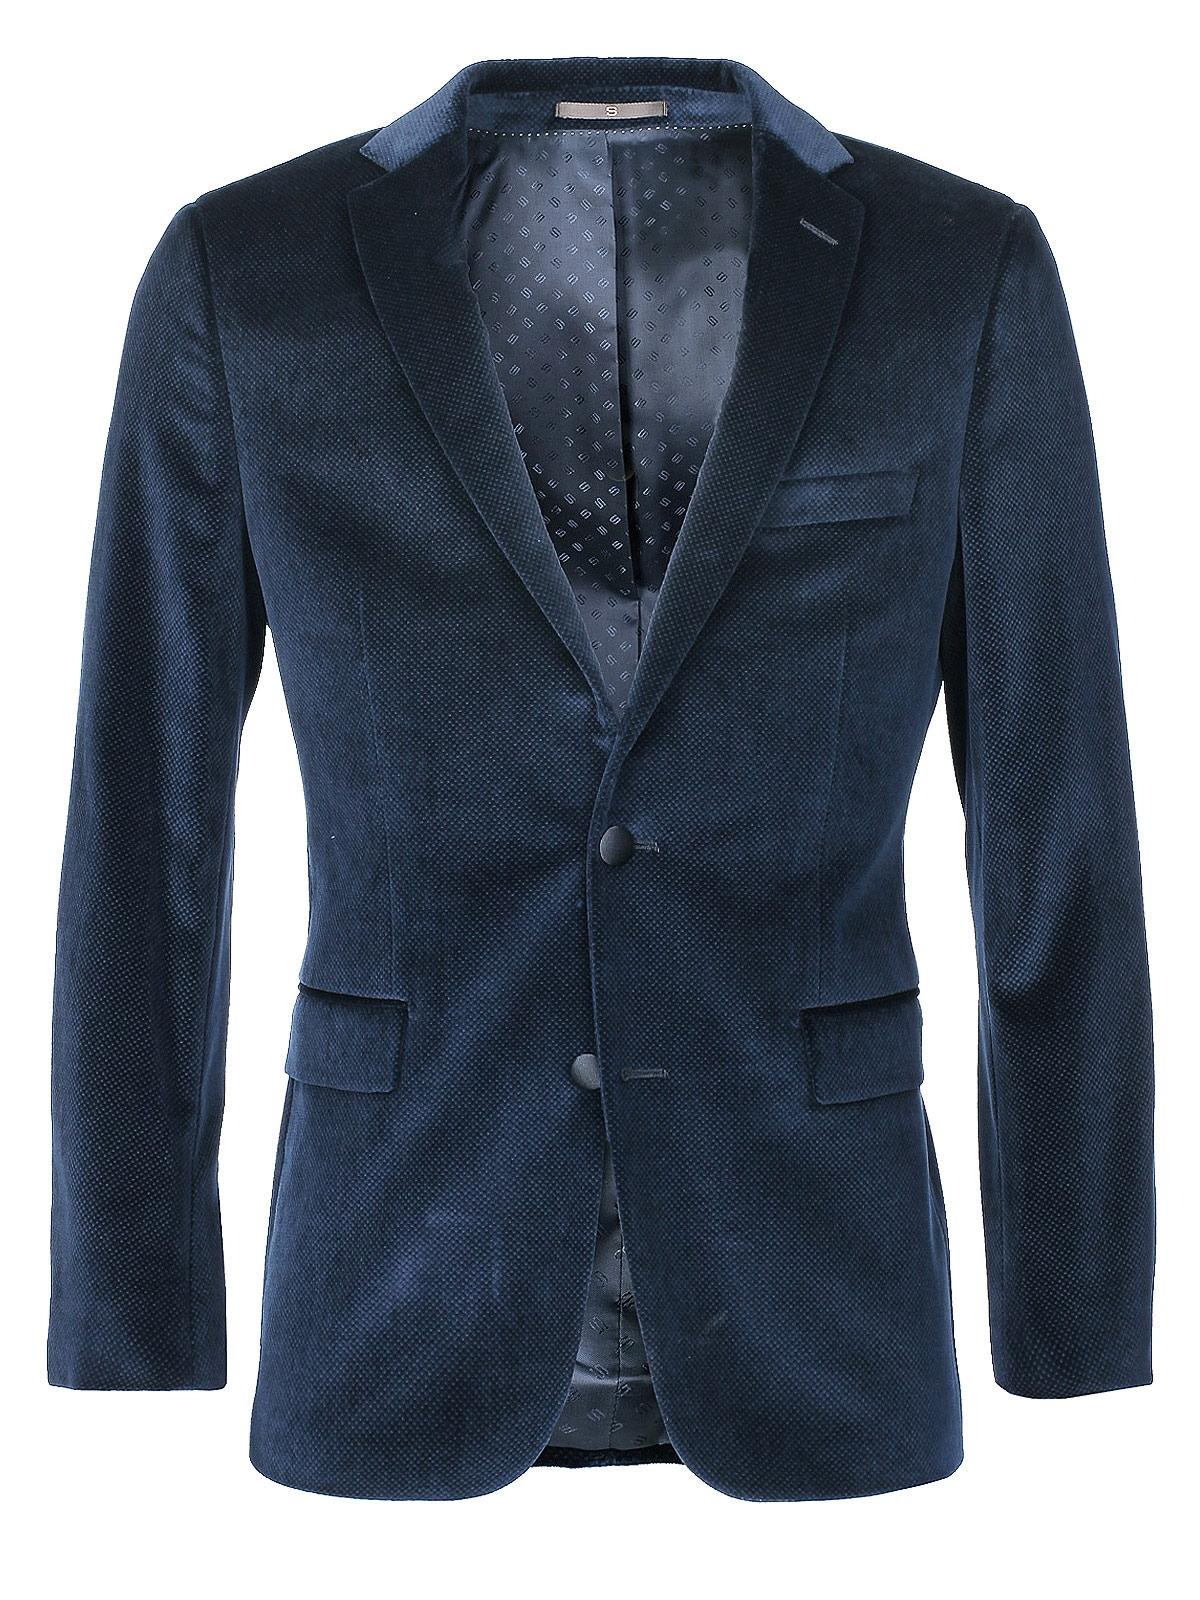 hugo boss hugo boss jacket in blue for men lyst. Black Bedroom Furniture Sets. Home Design Ideas